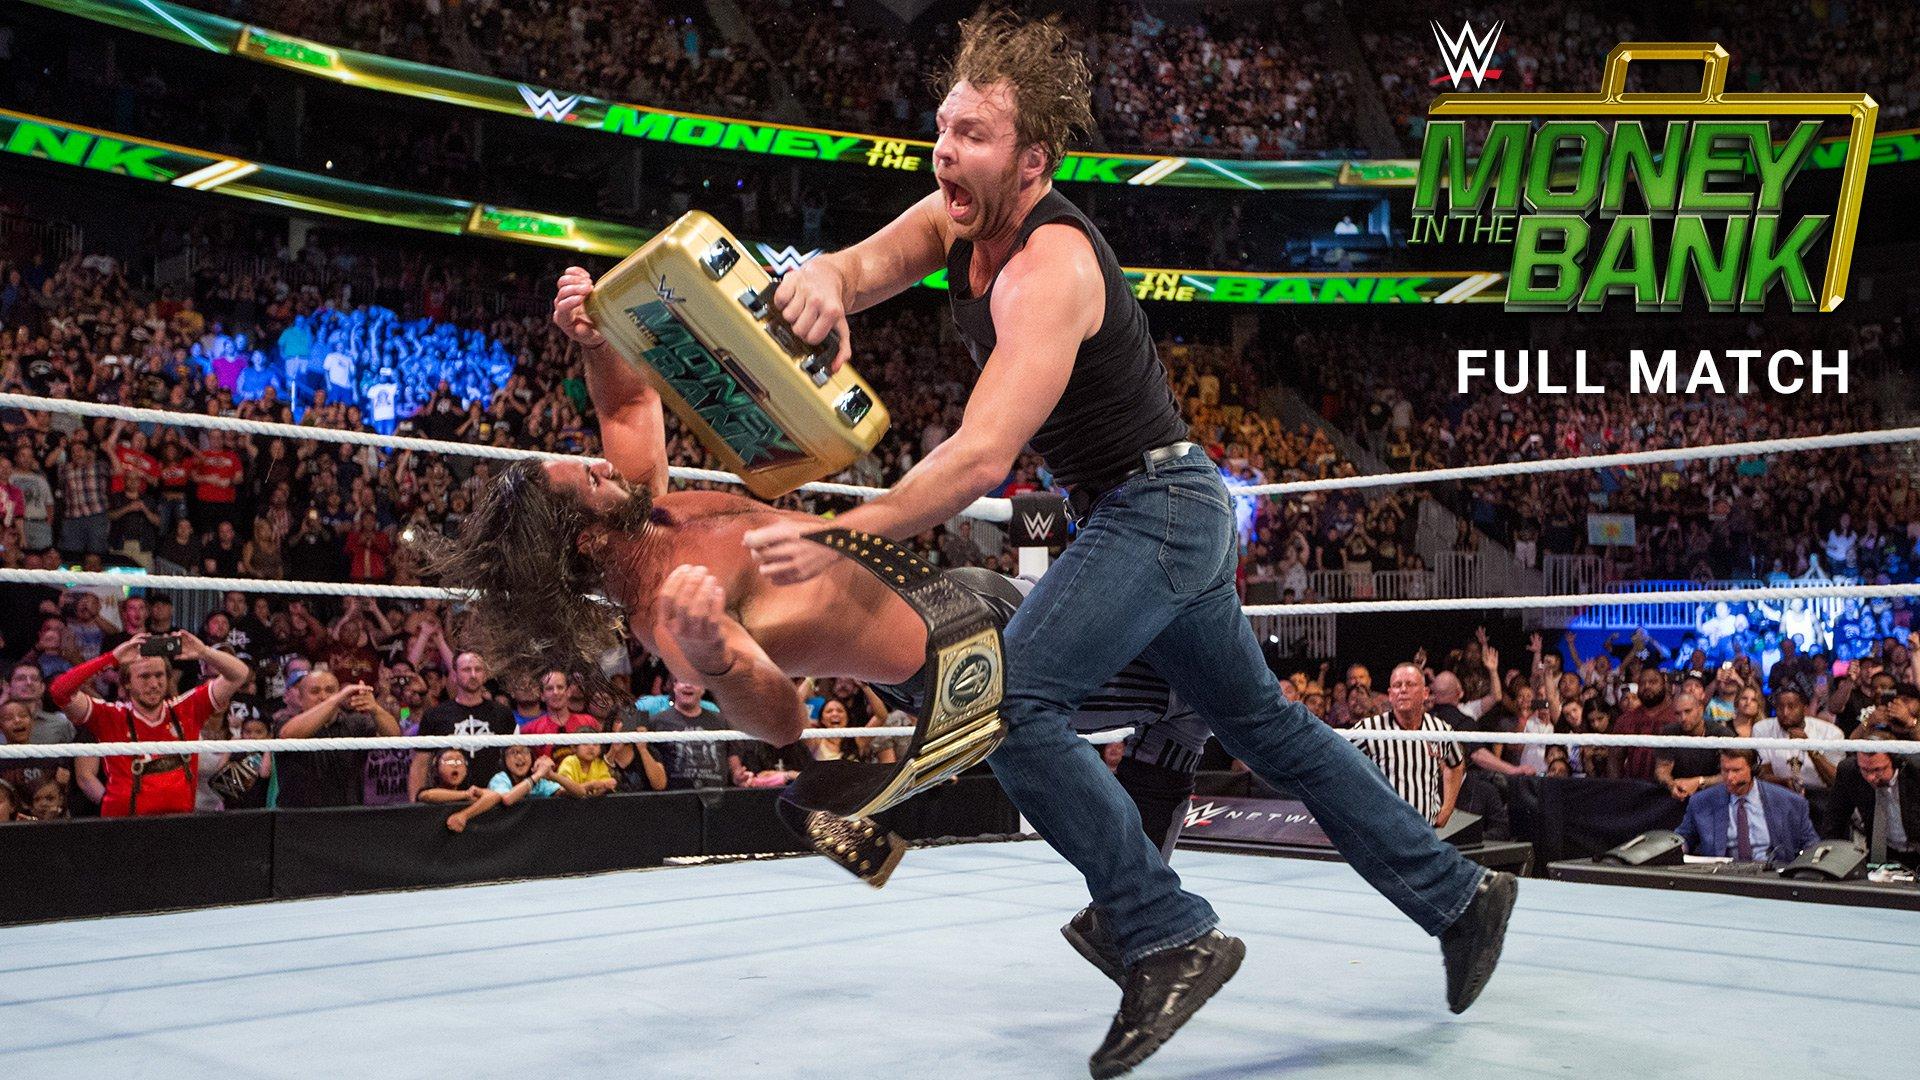 Dean Ambrose encaisse juste après le Match pour le Titre World Heavyweight WWE: Money in the Bank 2016 (Match intégral - Exclusivité WWE Network)